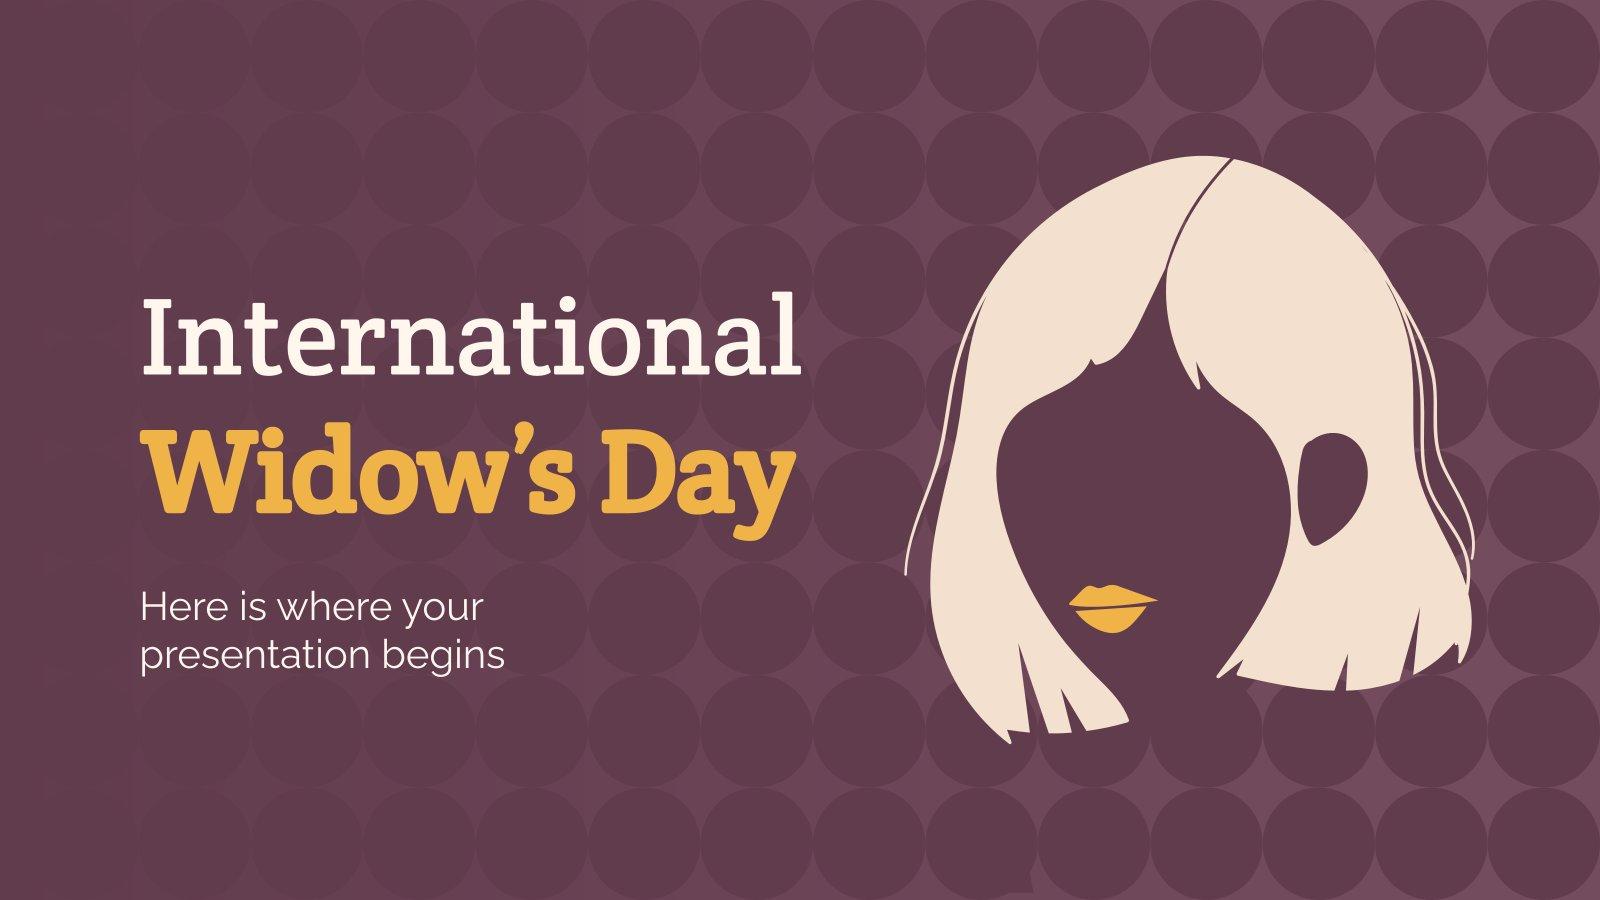 Internationale Tag der Witwen Präsentationsvorlage